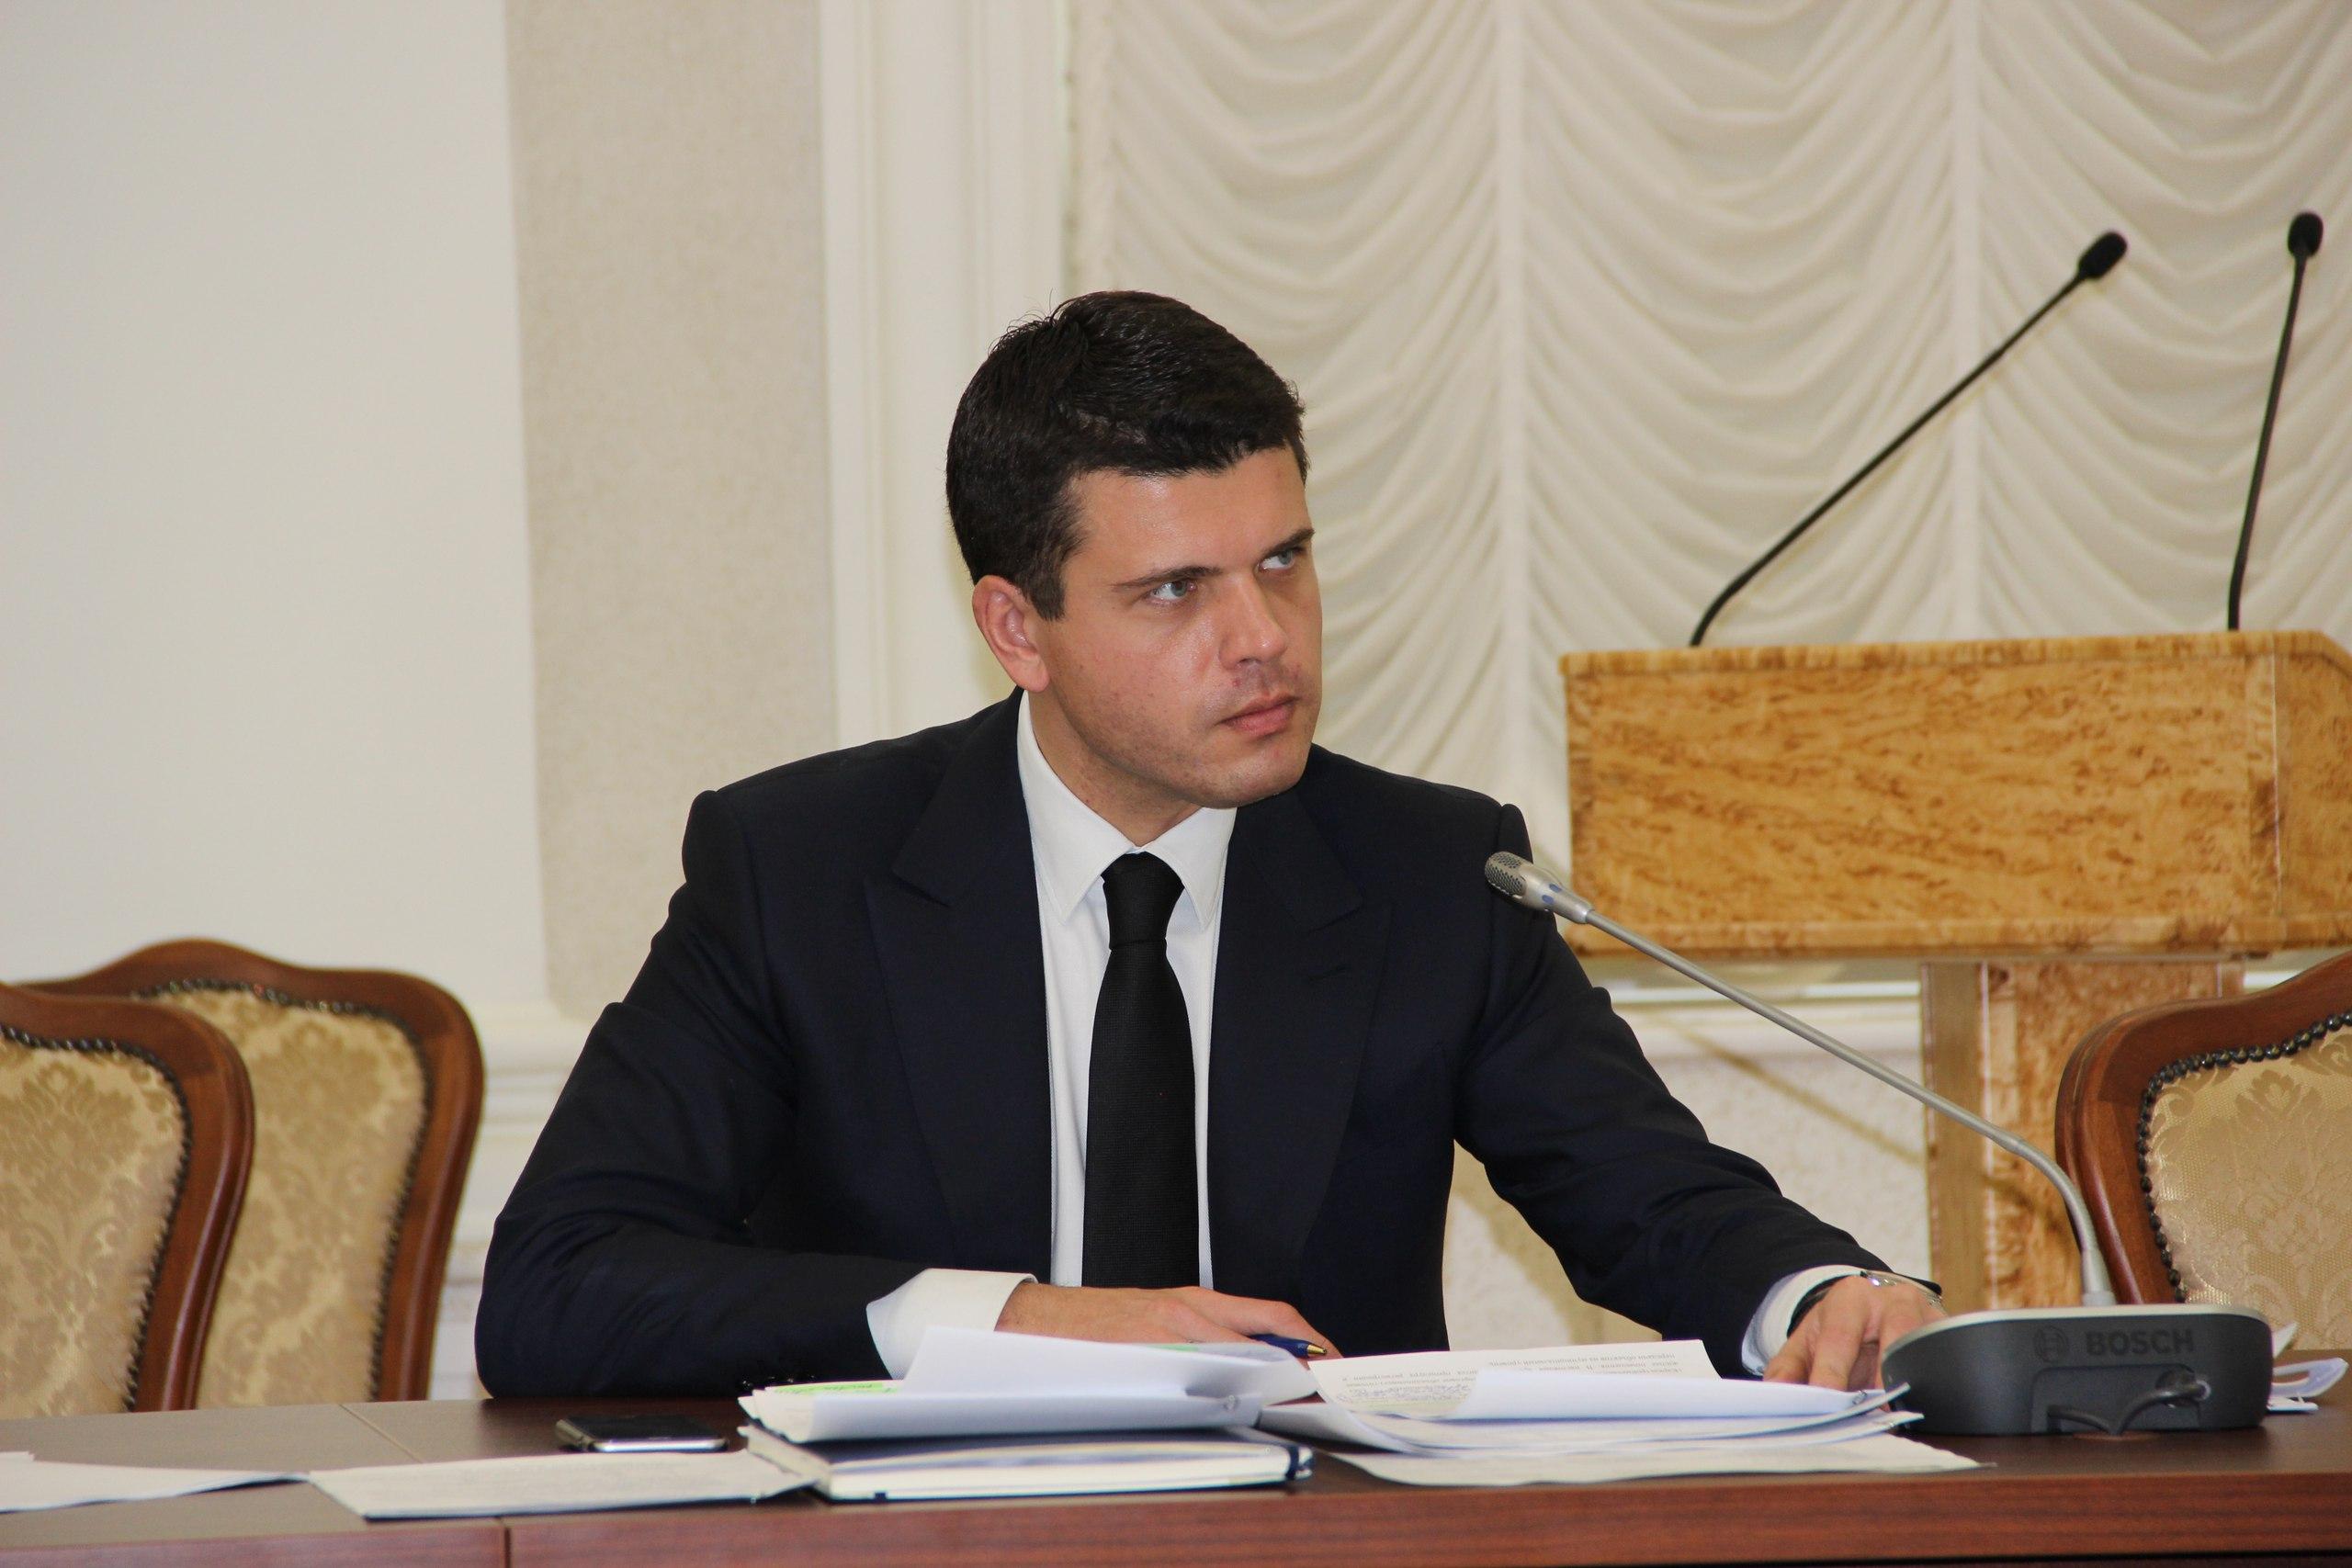 Министр Матвиец. Фото: Илона Радкевич